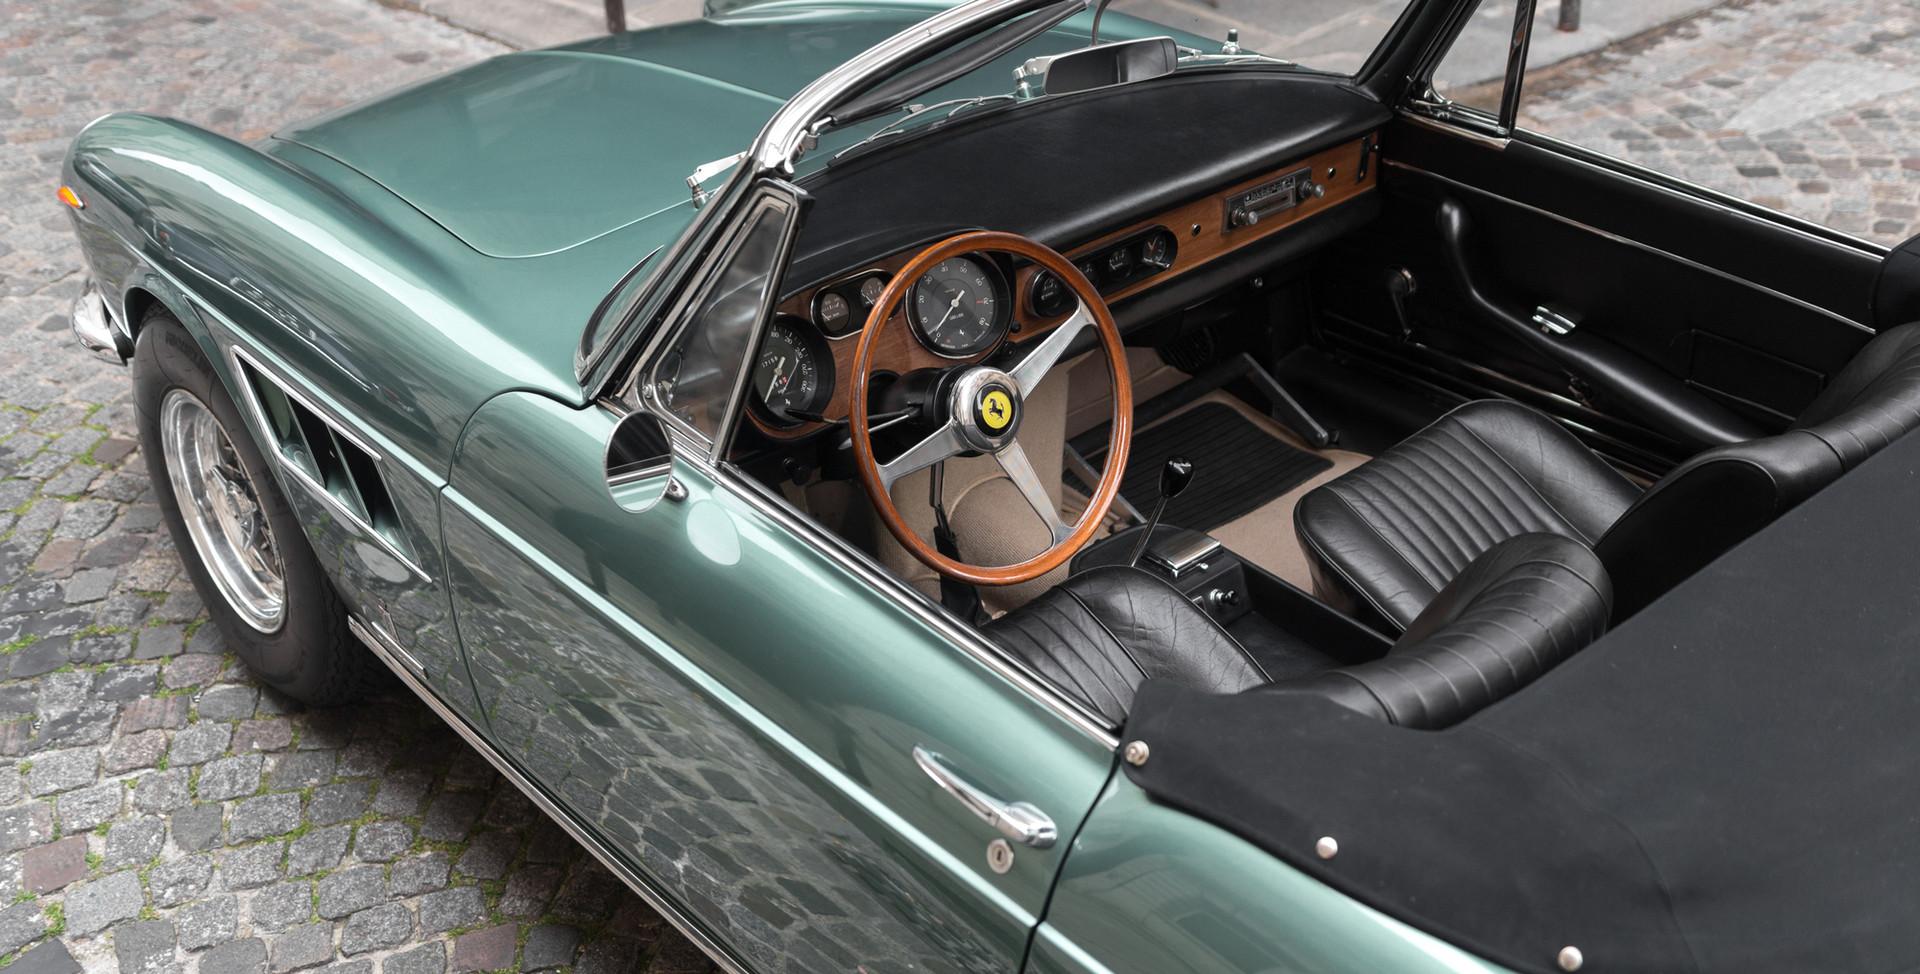 Ferrari_275_GTS_intérieur_(2).jpg